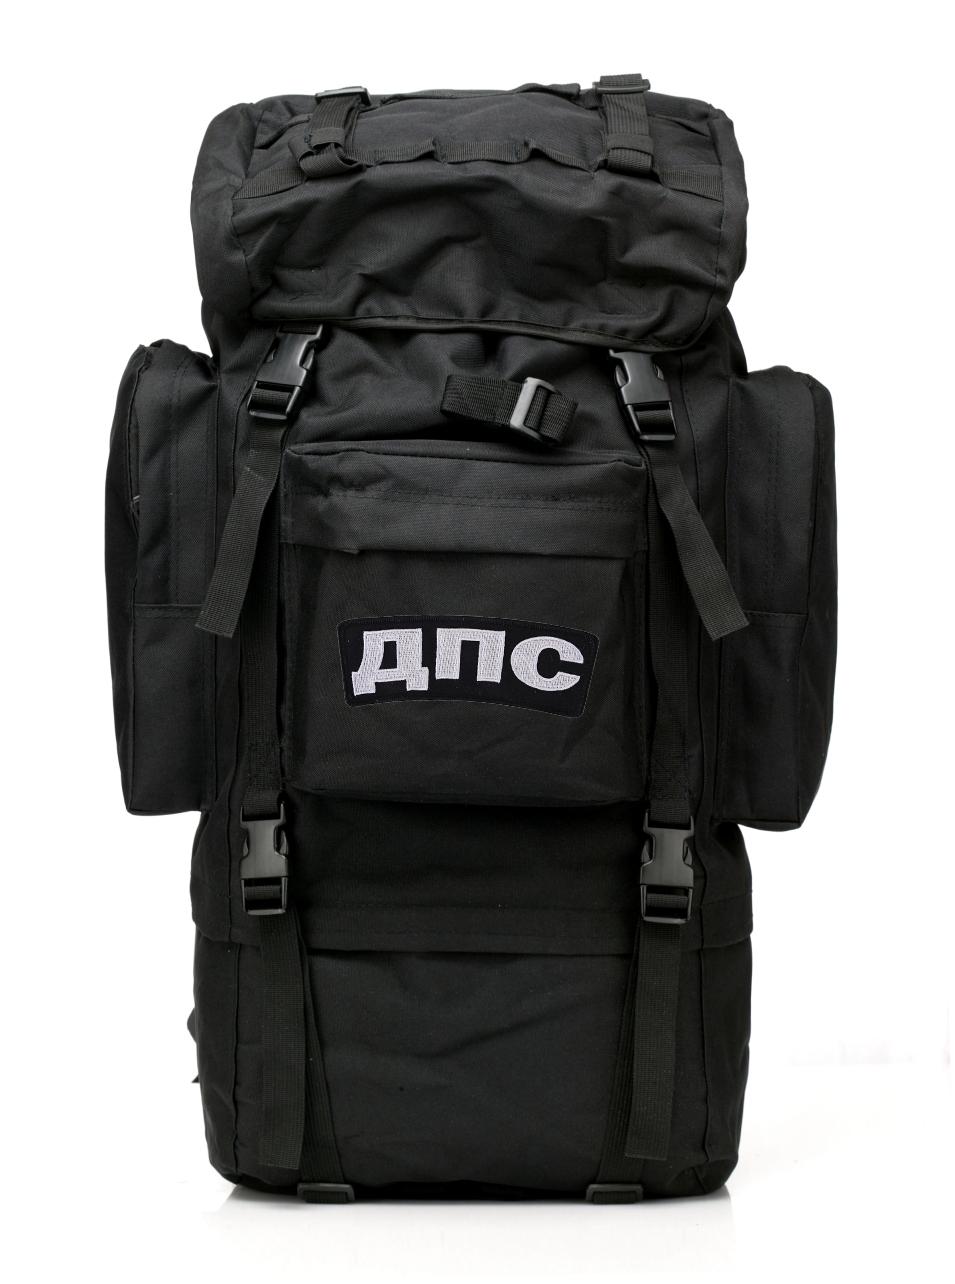 Многодневный тактический рюкзак ДПС ГИГАНТ Max Fuchs - заказать в розницу